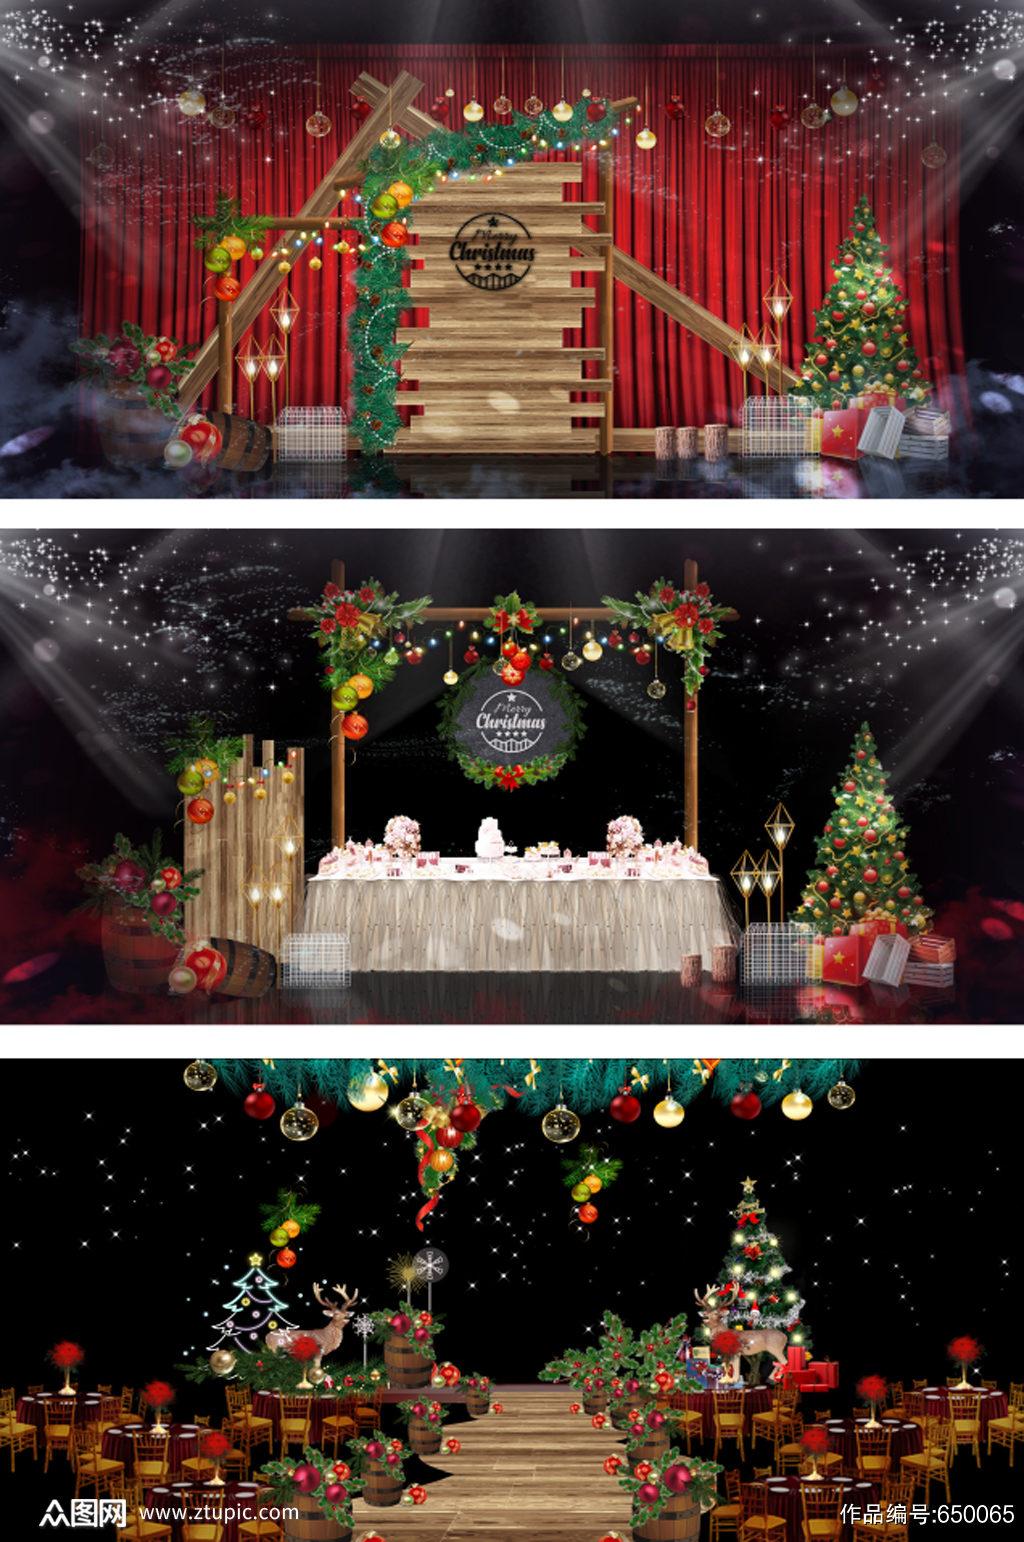 圣诞节餐厅舞台美陈设计素材